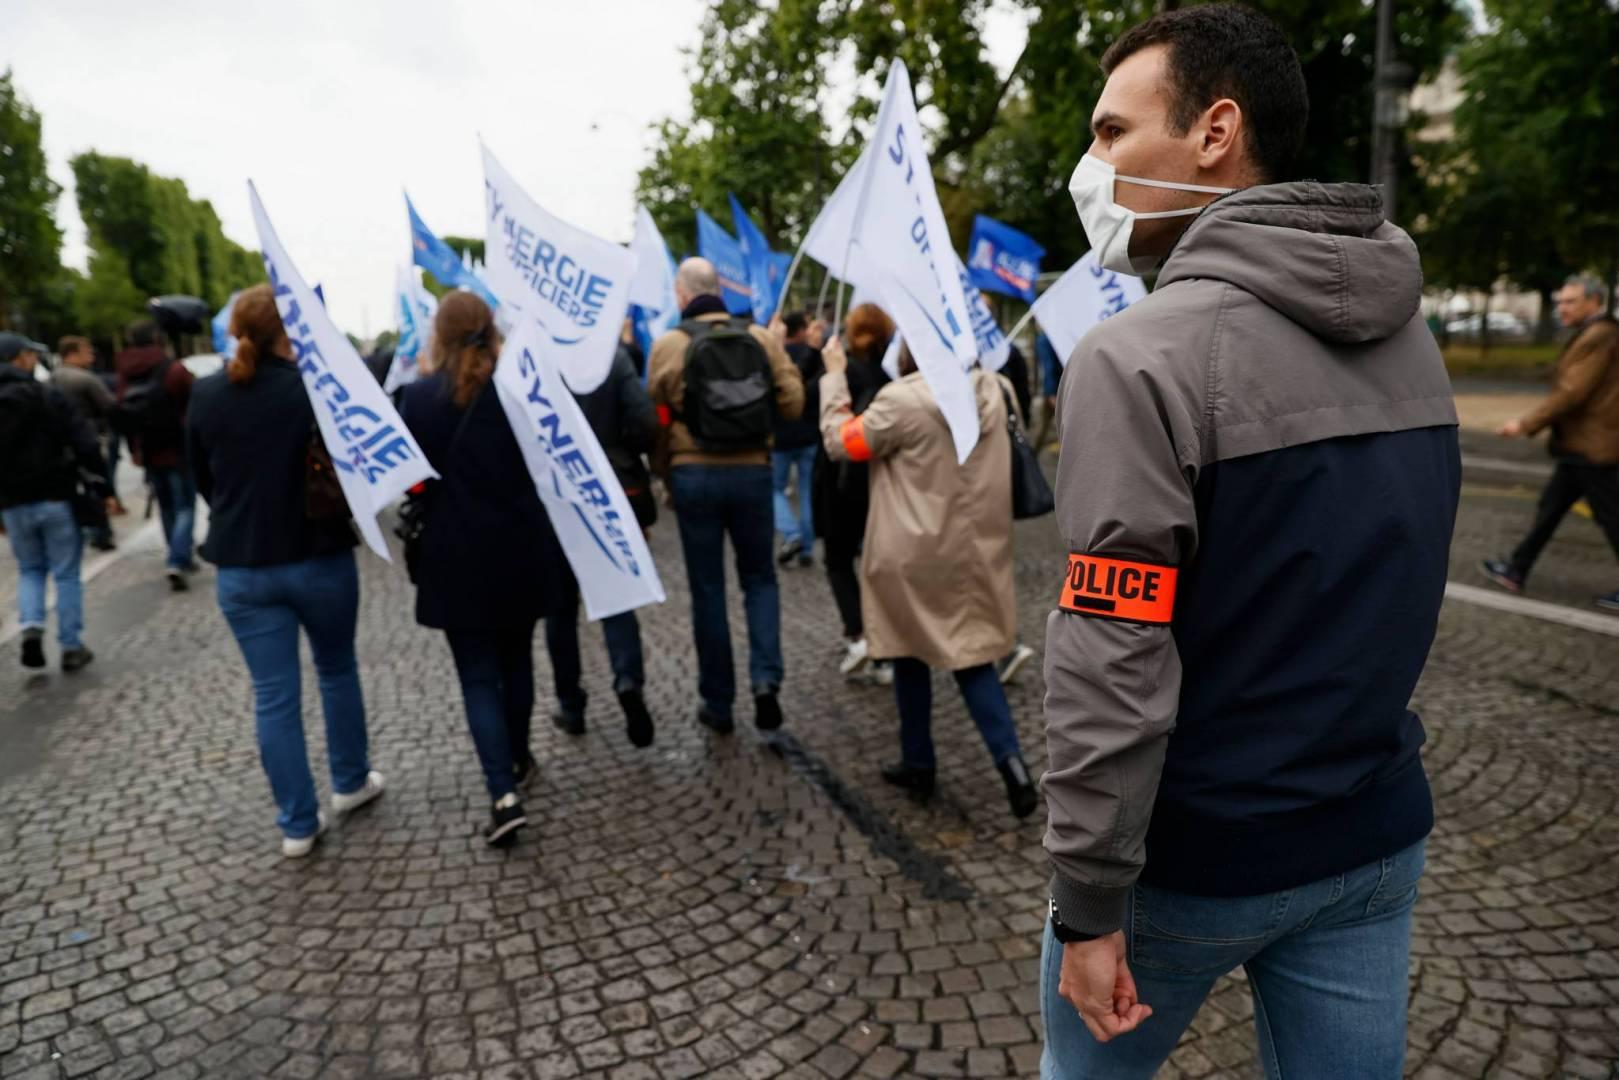 احتجاج للشرطة الفرنسية في الشانزليزيه في باريس